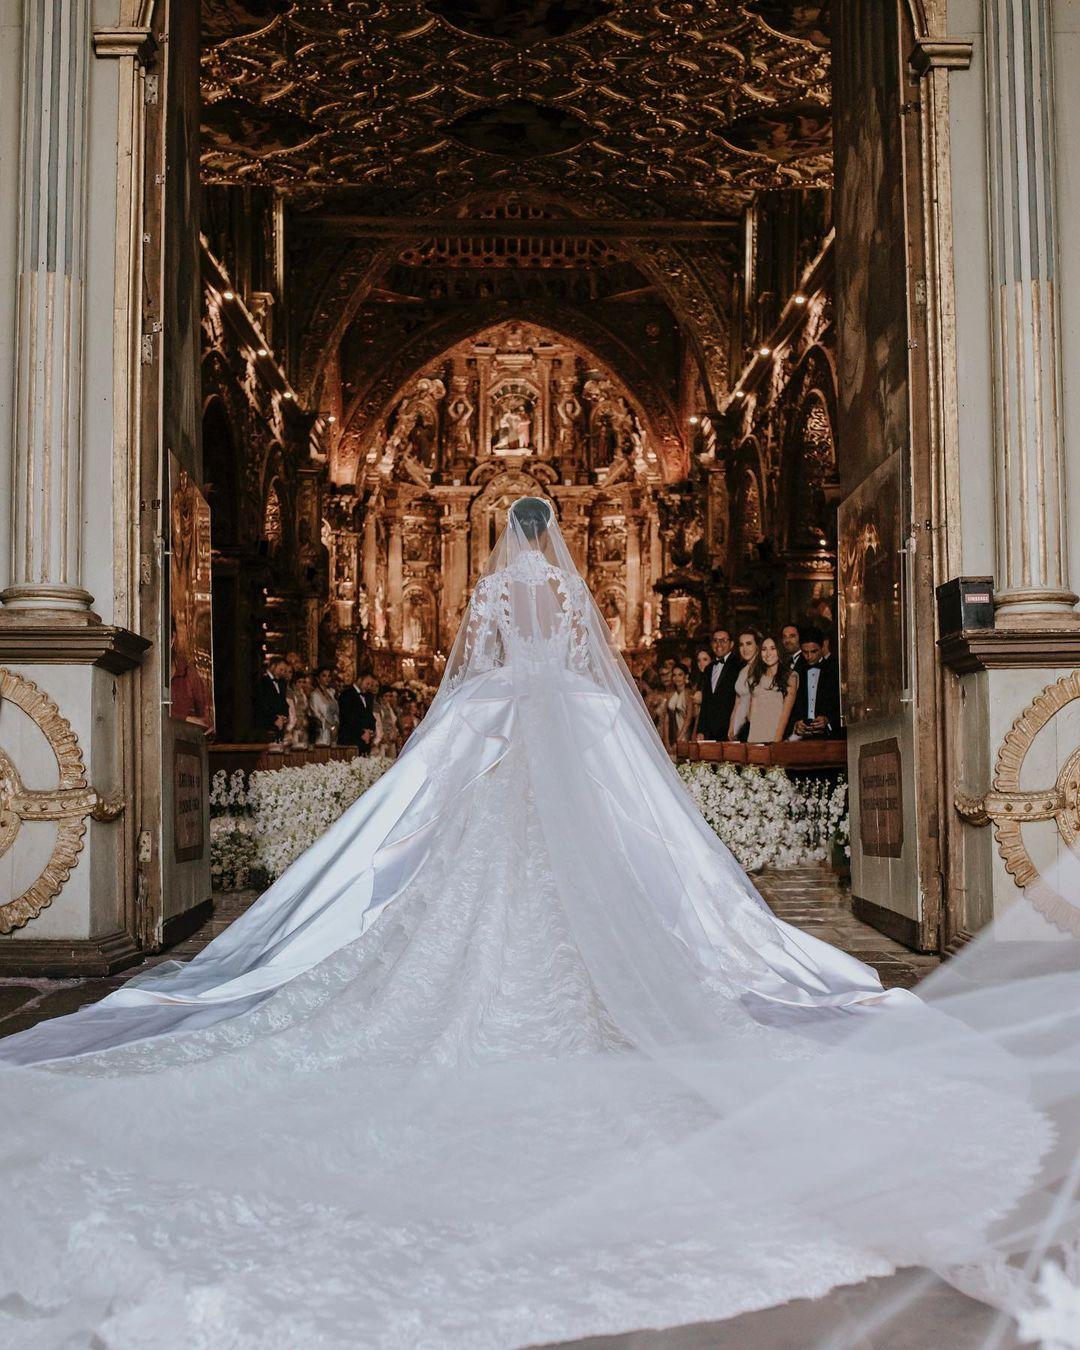 жасмин тукс свадьба платье кольцо тренды свадебные осень 2021 викториас сикрет ангел victoria's secret